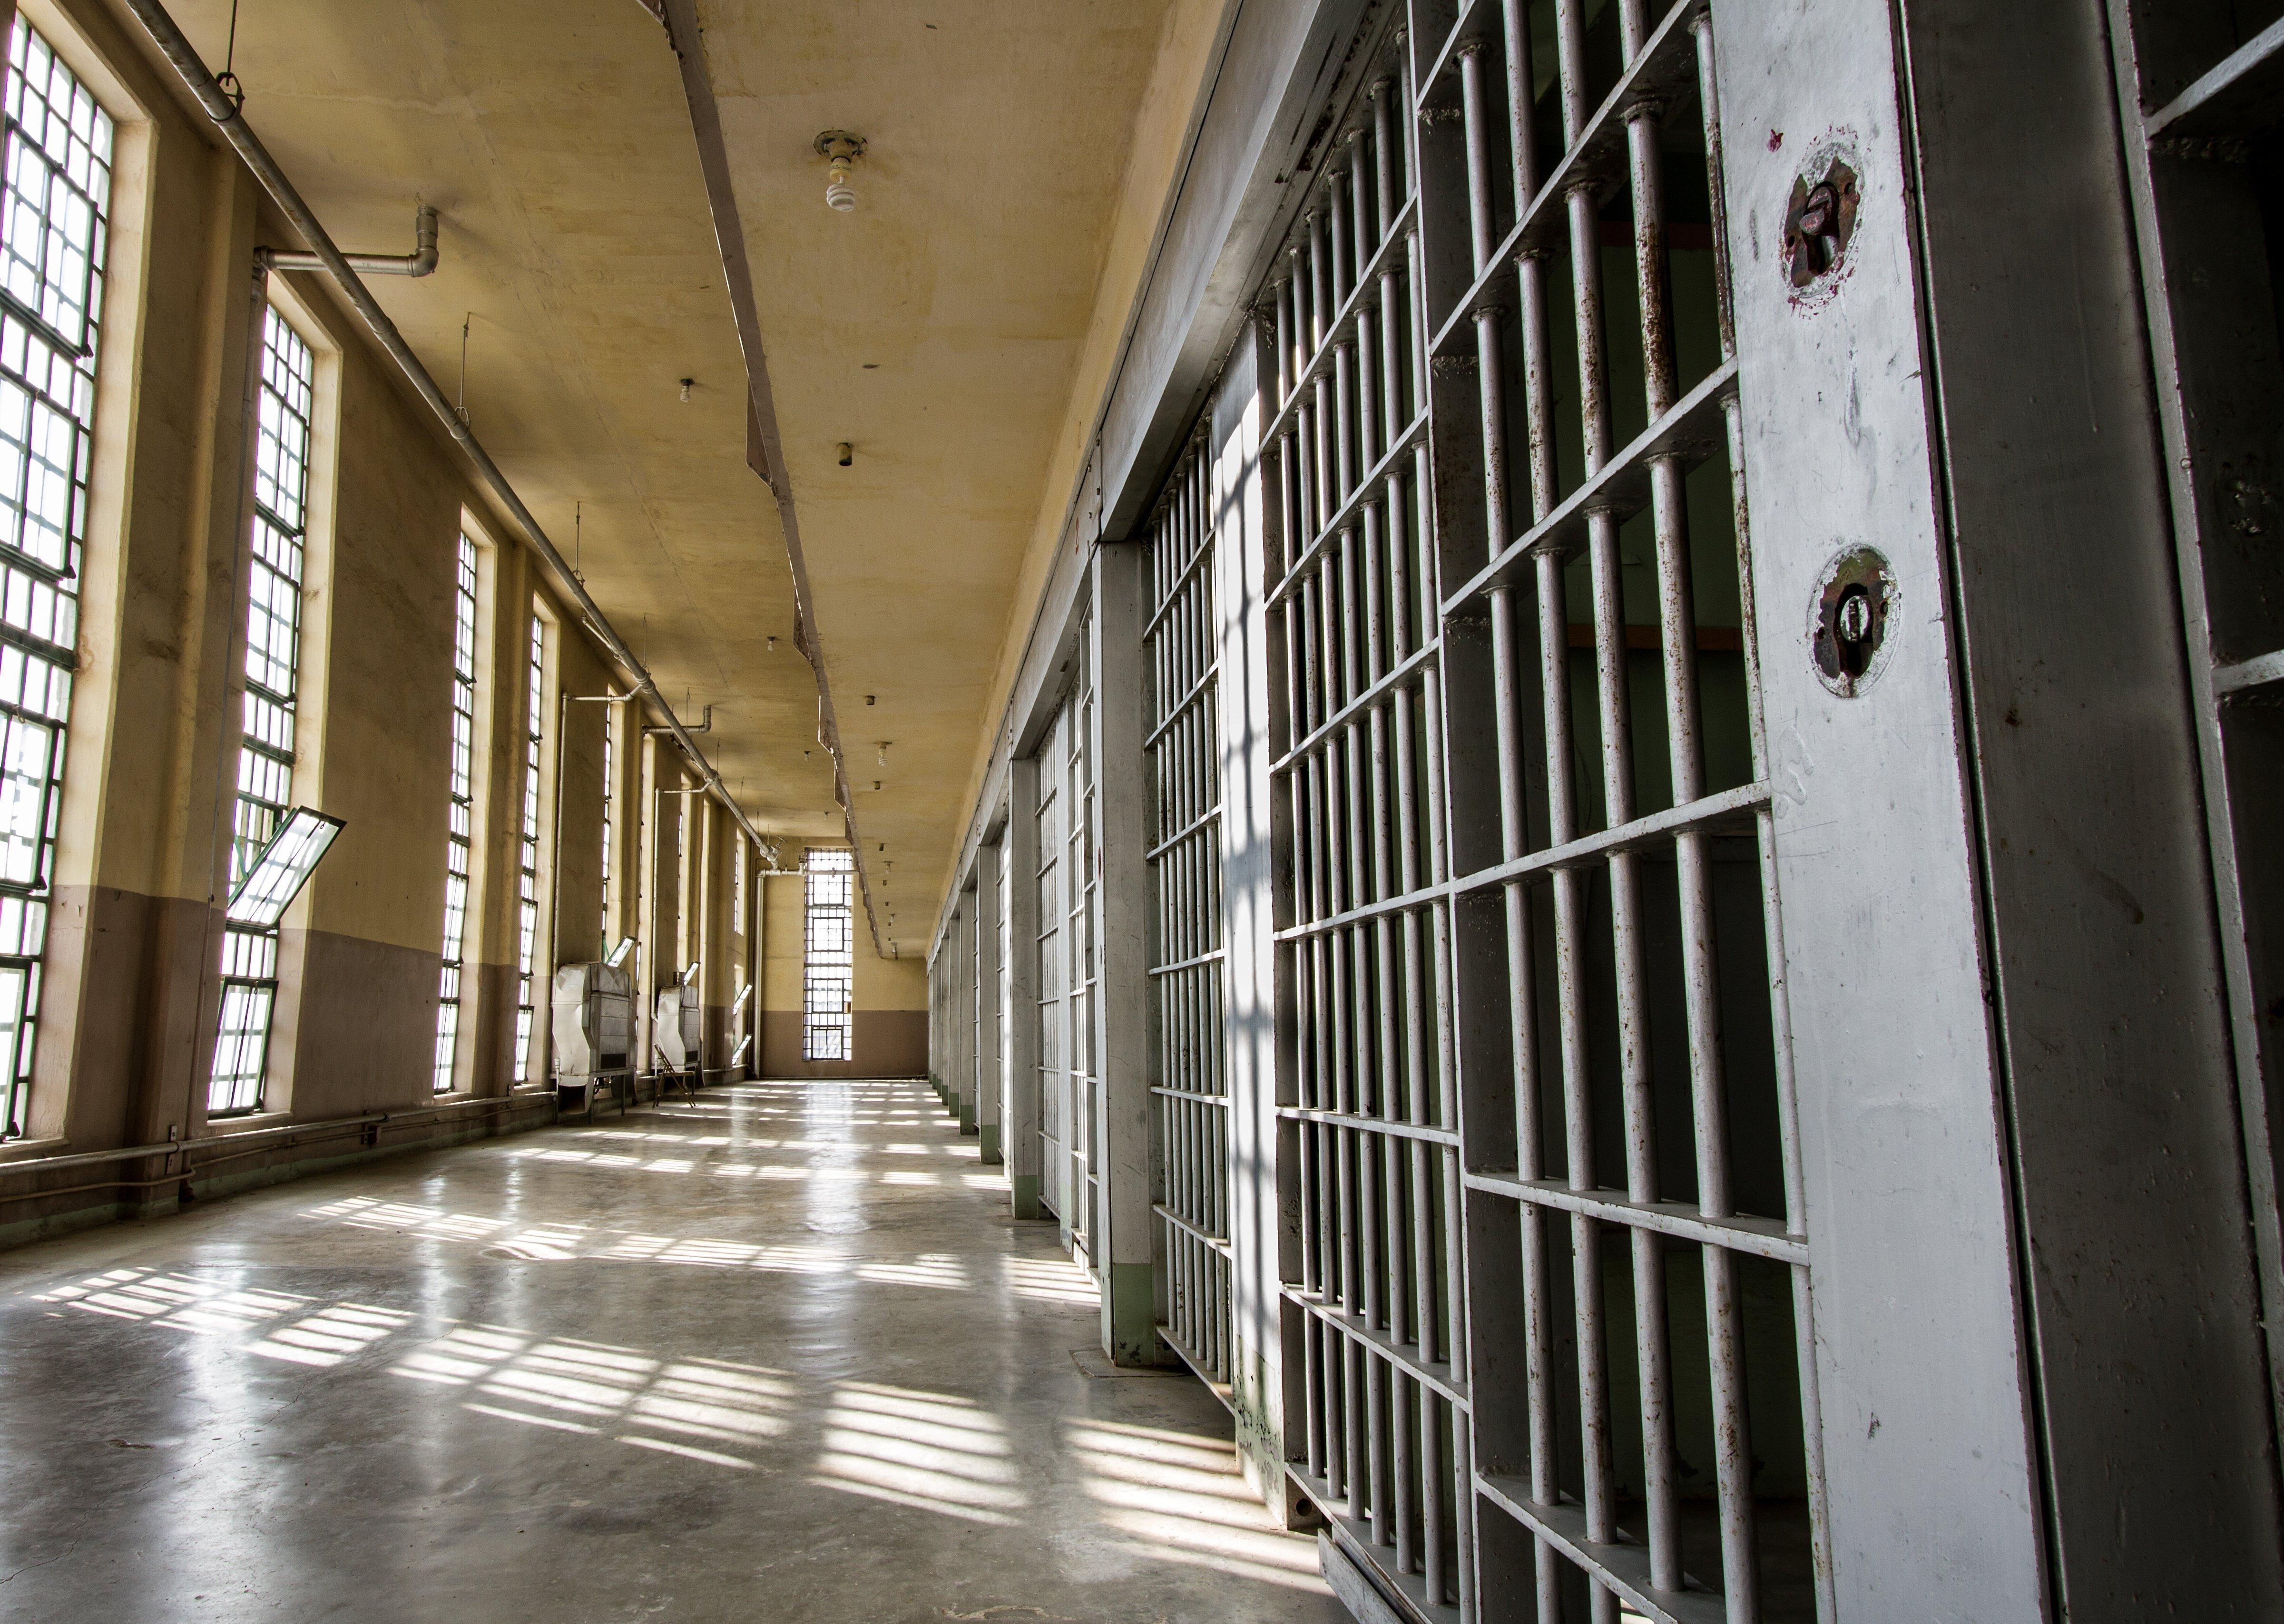 Vue de l'intérieur d'un établissement pénitentiaire | Photo : Getty Images